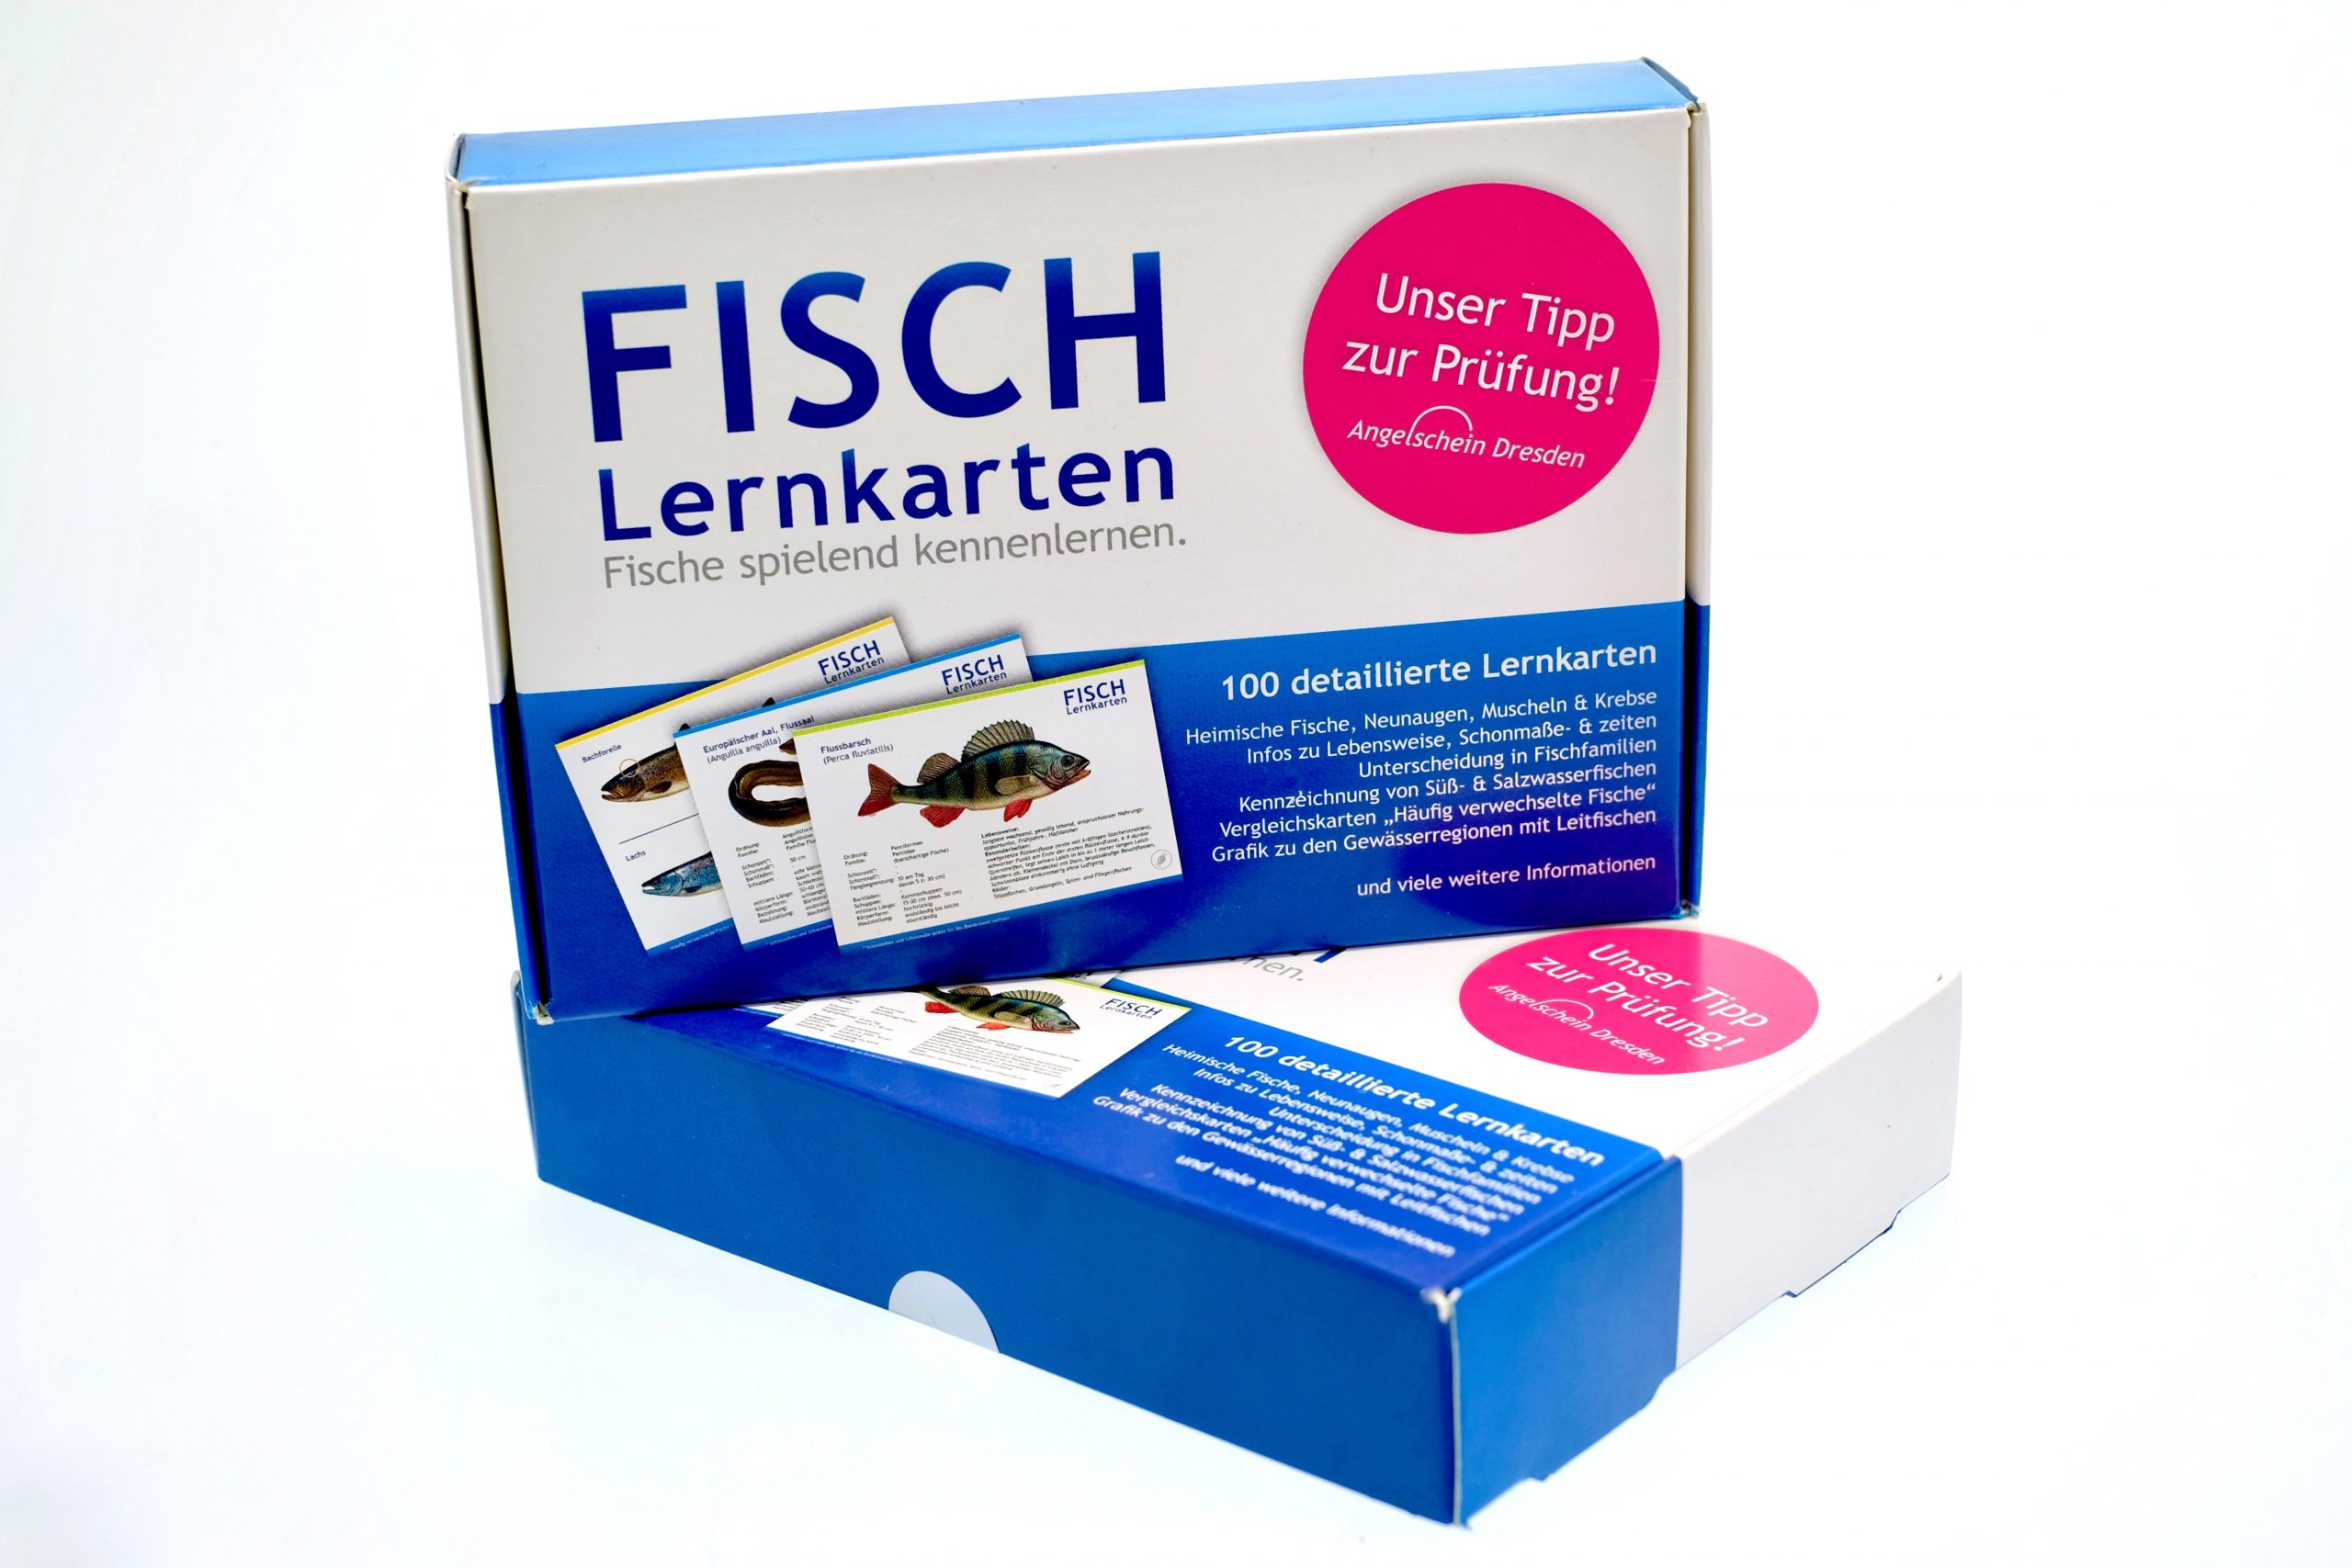 FISCH Lernkarten Einheimische Fische spielend kennenlernen